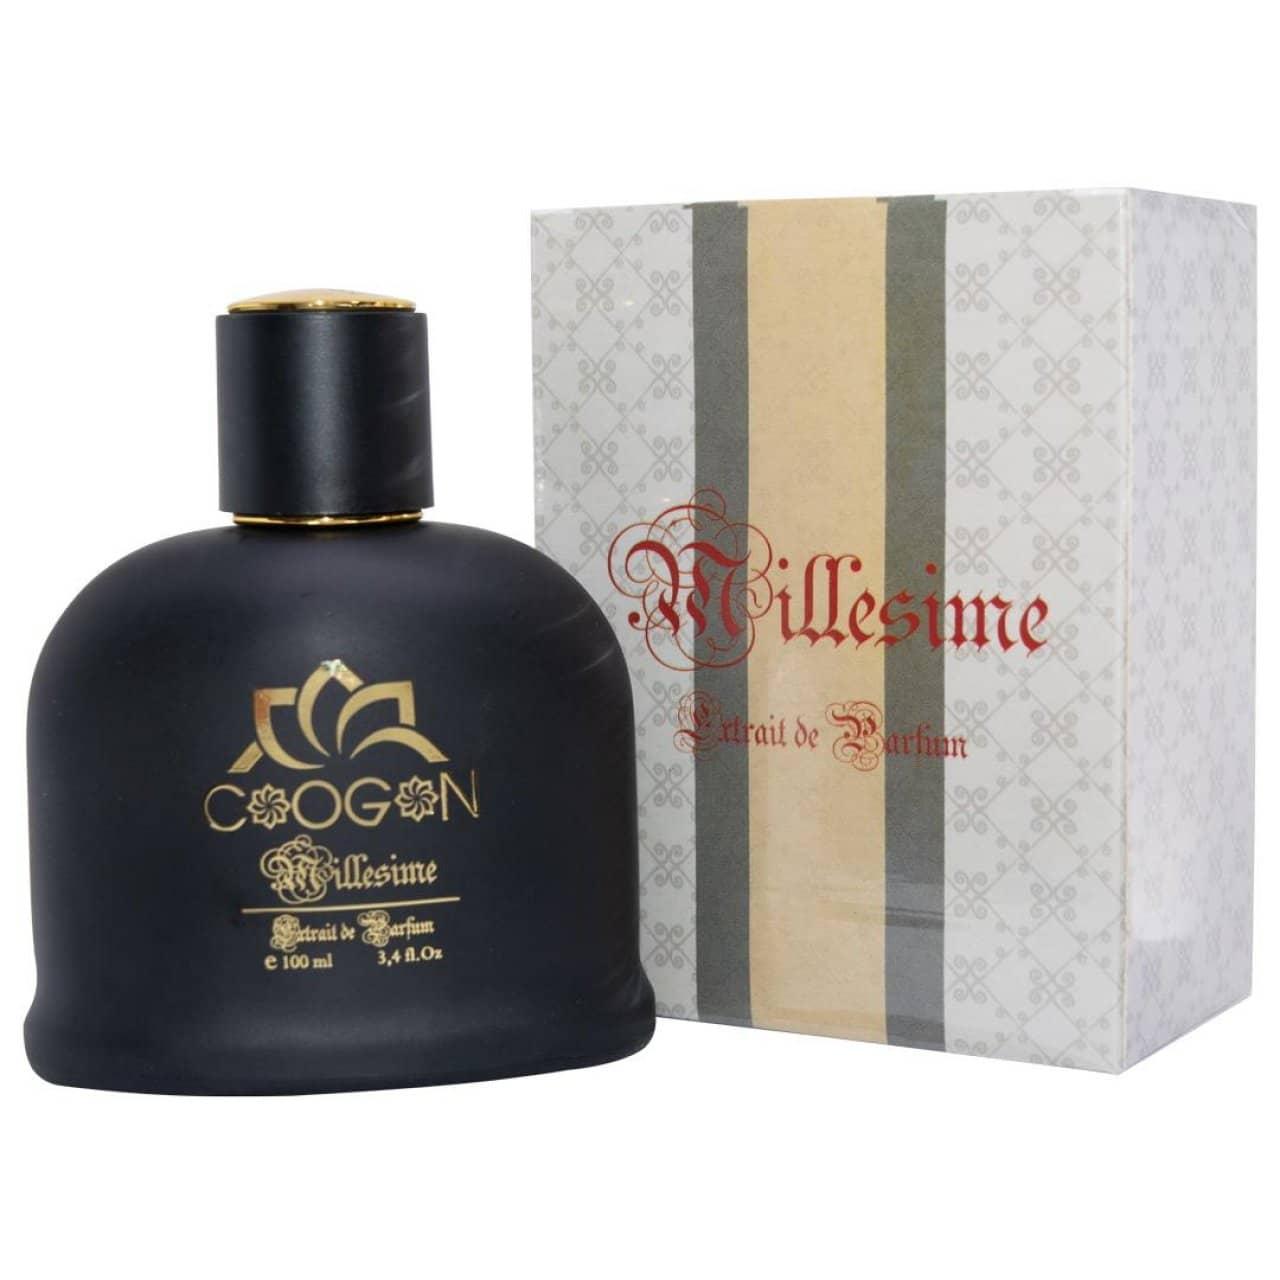 Parfum homme réf 017-100ml